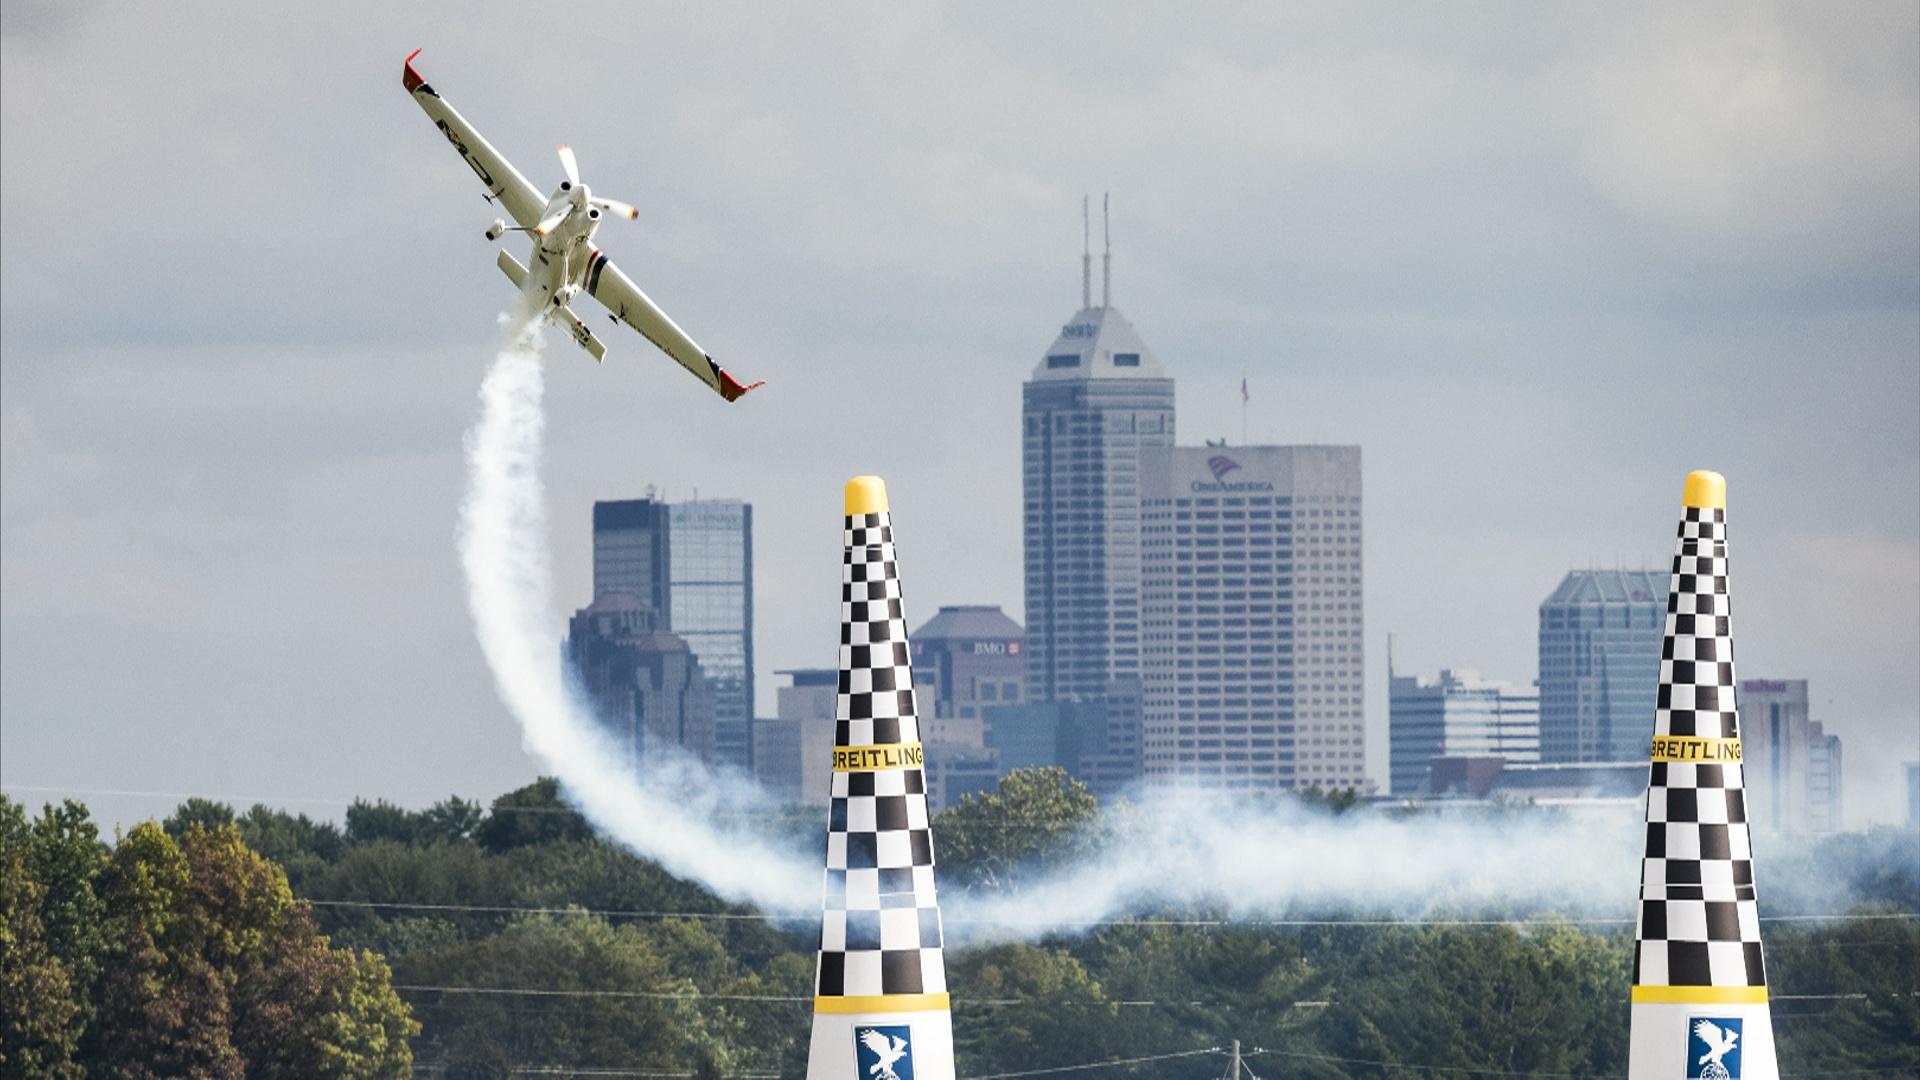 «Воздушная гонка»: победу в предпоследнем этапе одержал немец